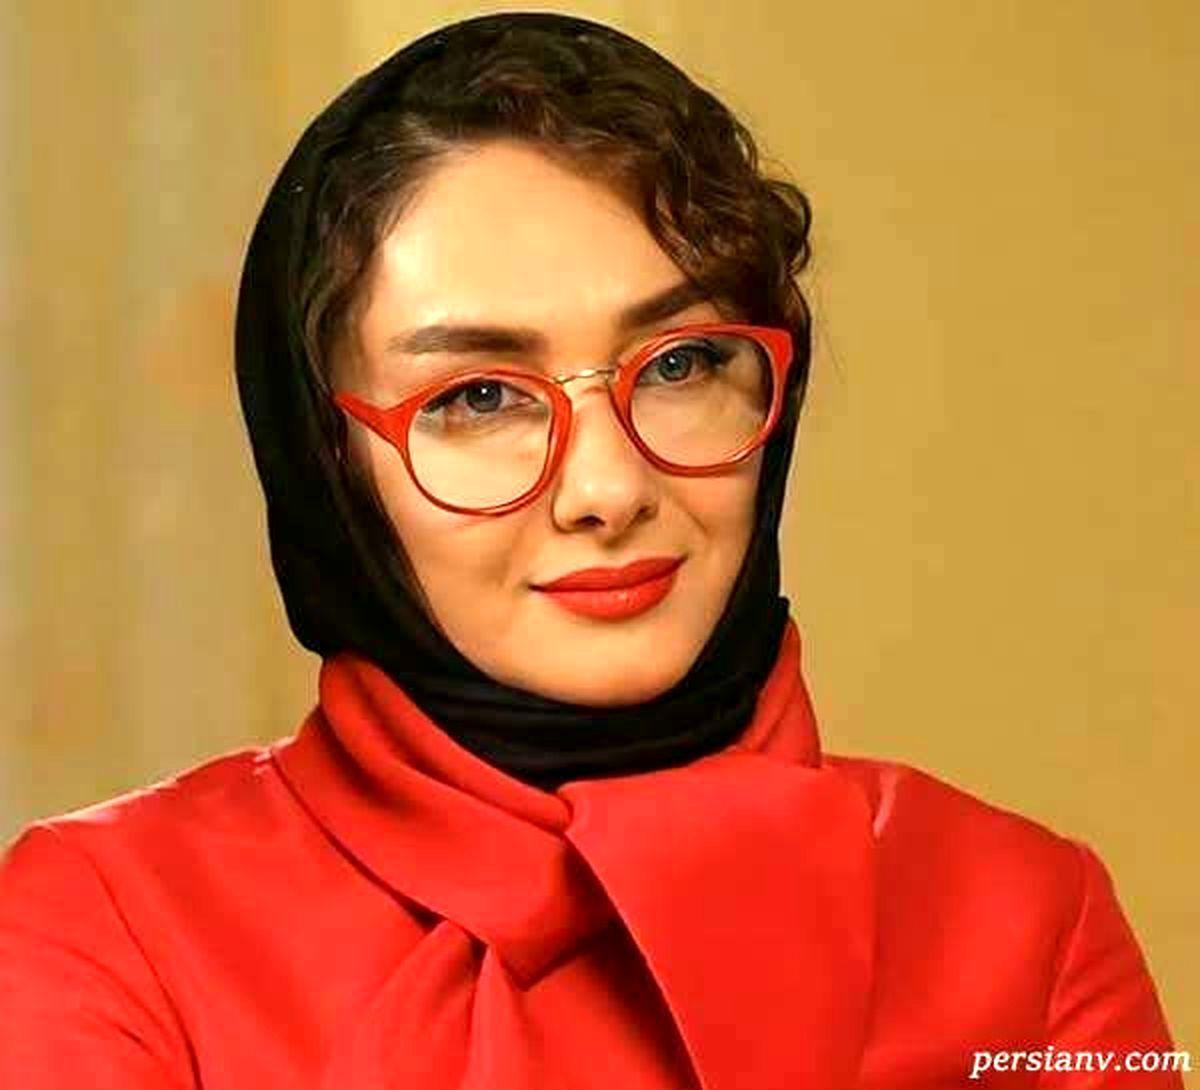 ابراز علاقه هانیه توسلی به آقای بازیگر جلوی دوربین